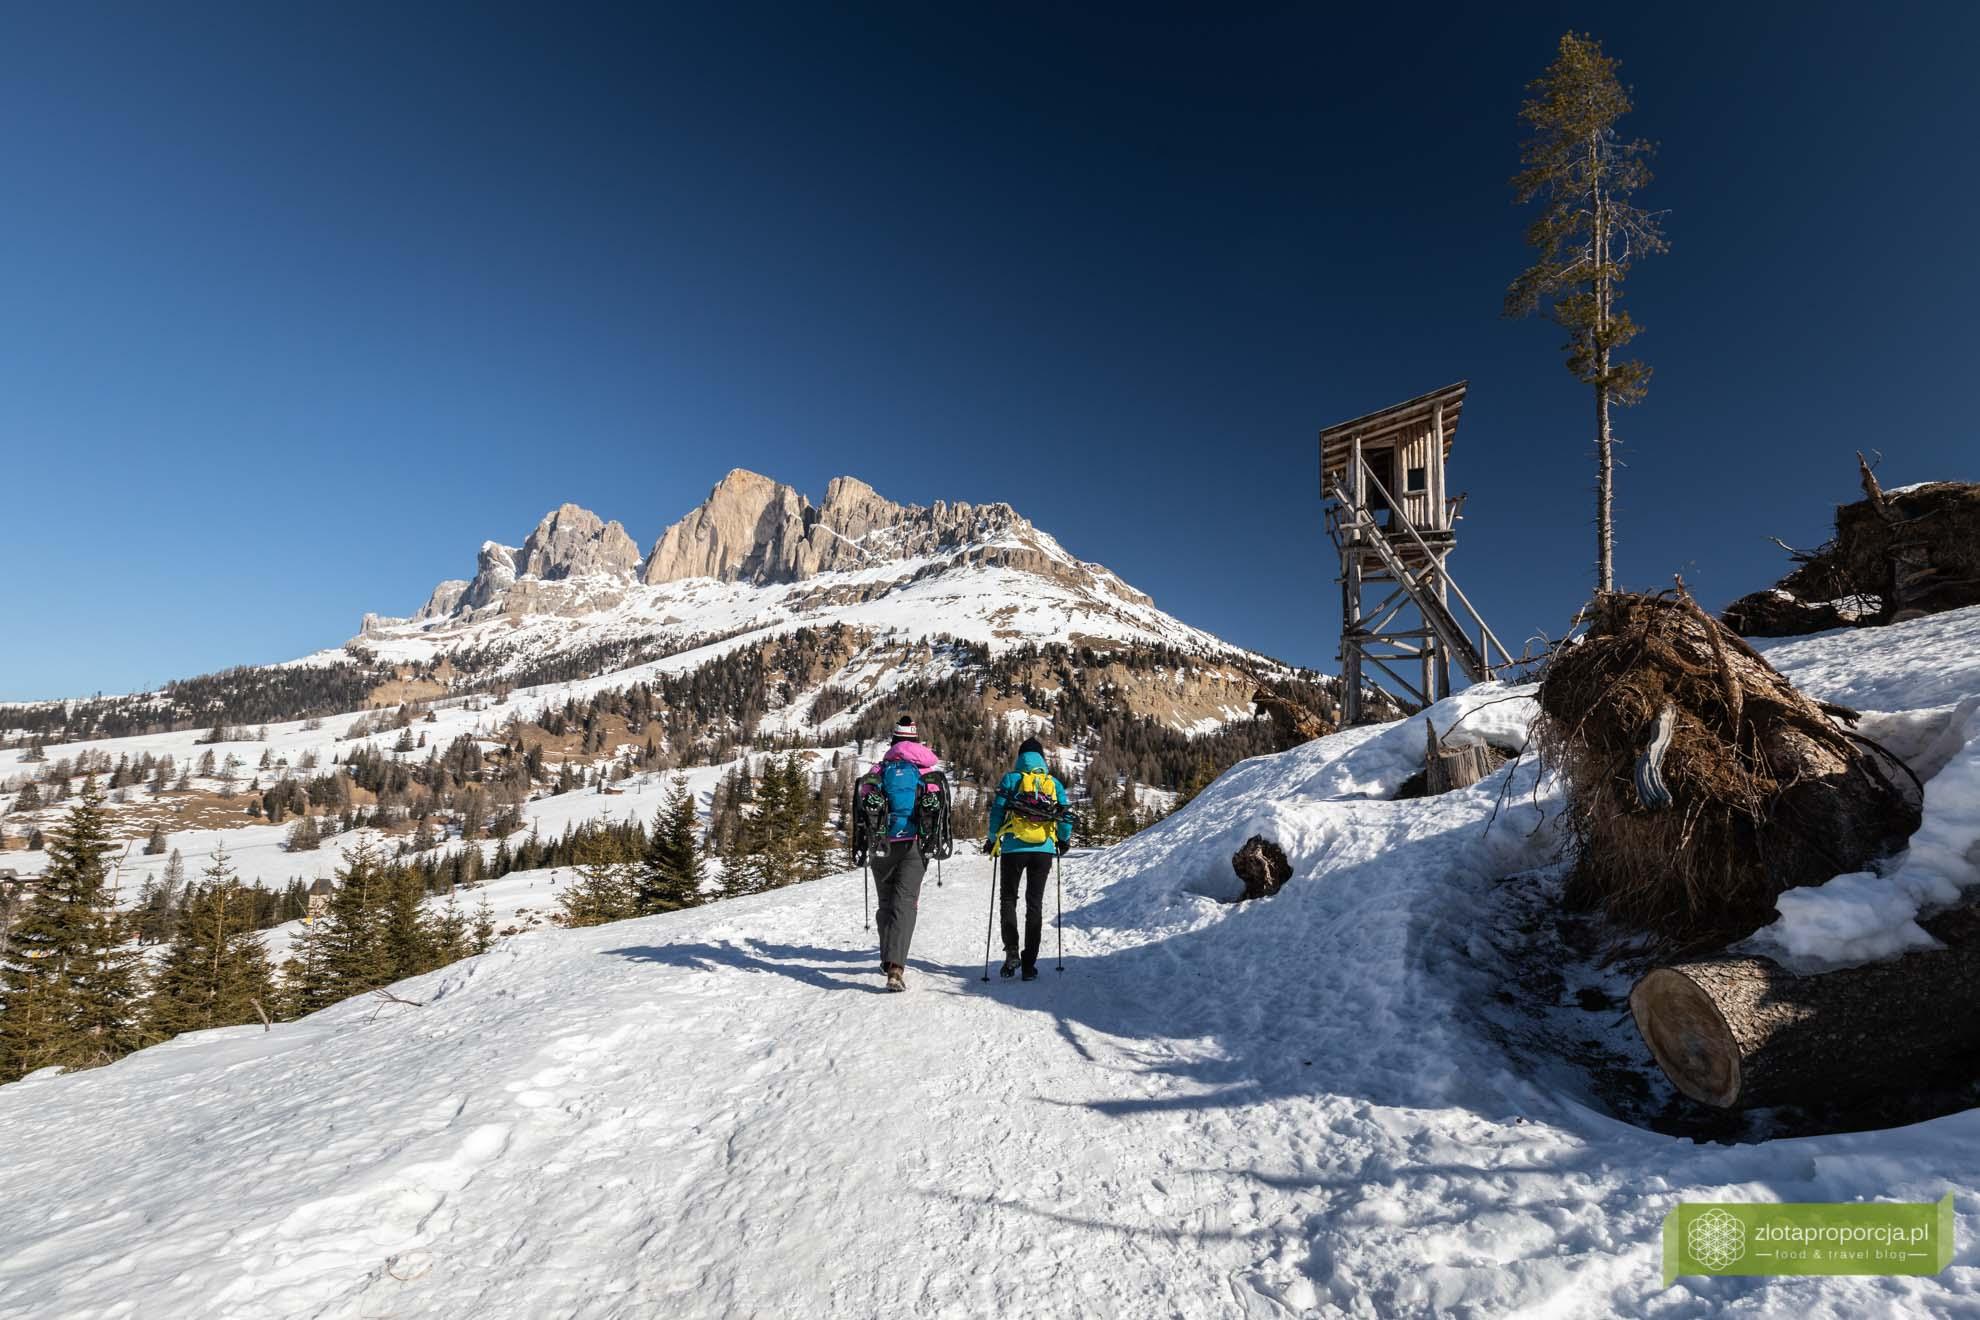 Południowy Tyrol; Val d'Ega; Eggental; Dolomity; narty Południowy Tyrol; Carezza; Nova Levante; Carezza Ski; Carezza Obereggen;